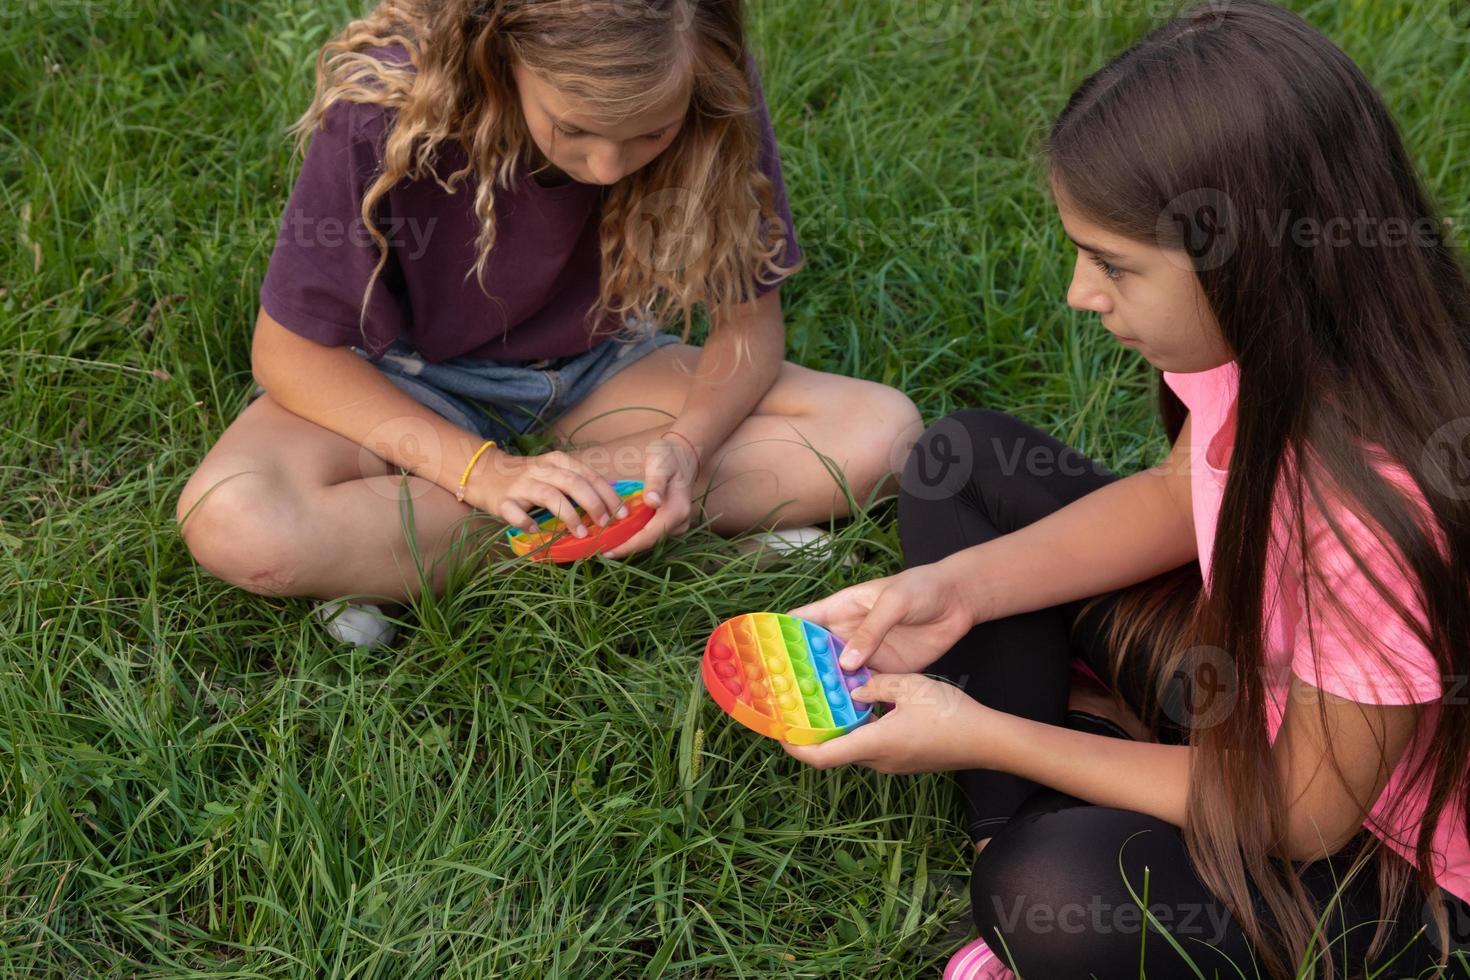 les filles jouent à un jouet pop-it populaire en silicone coloré à l'extérieur photo